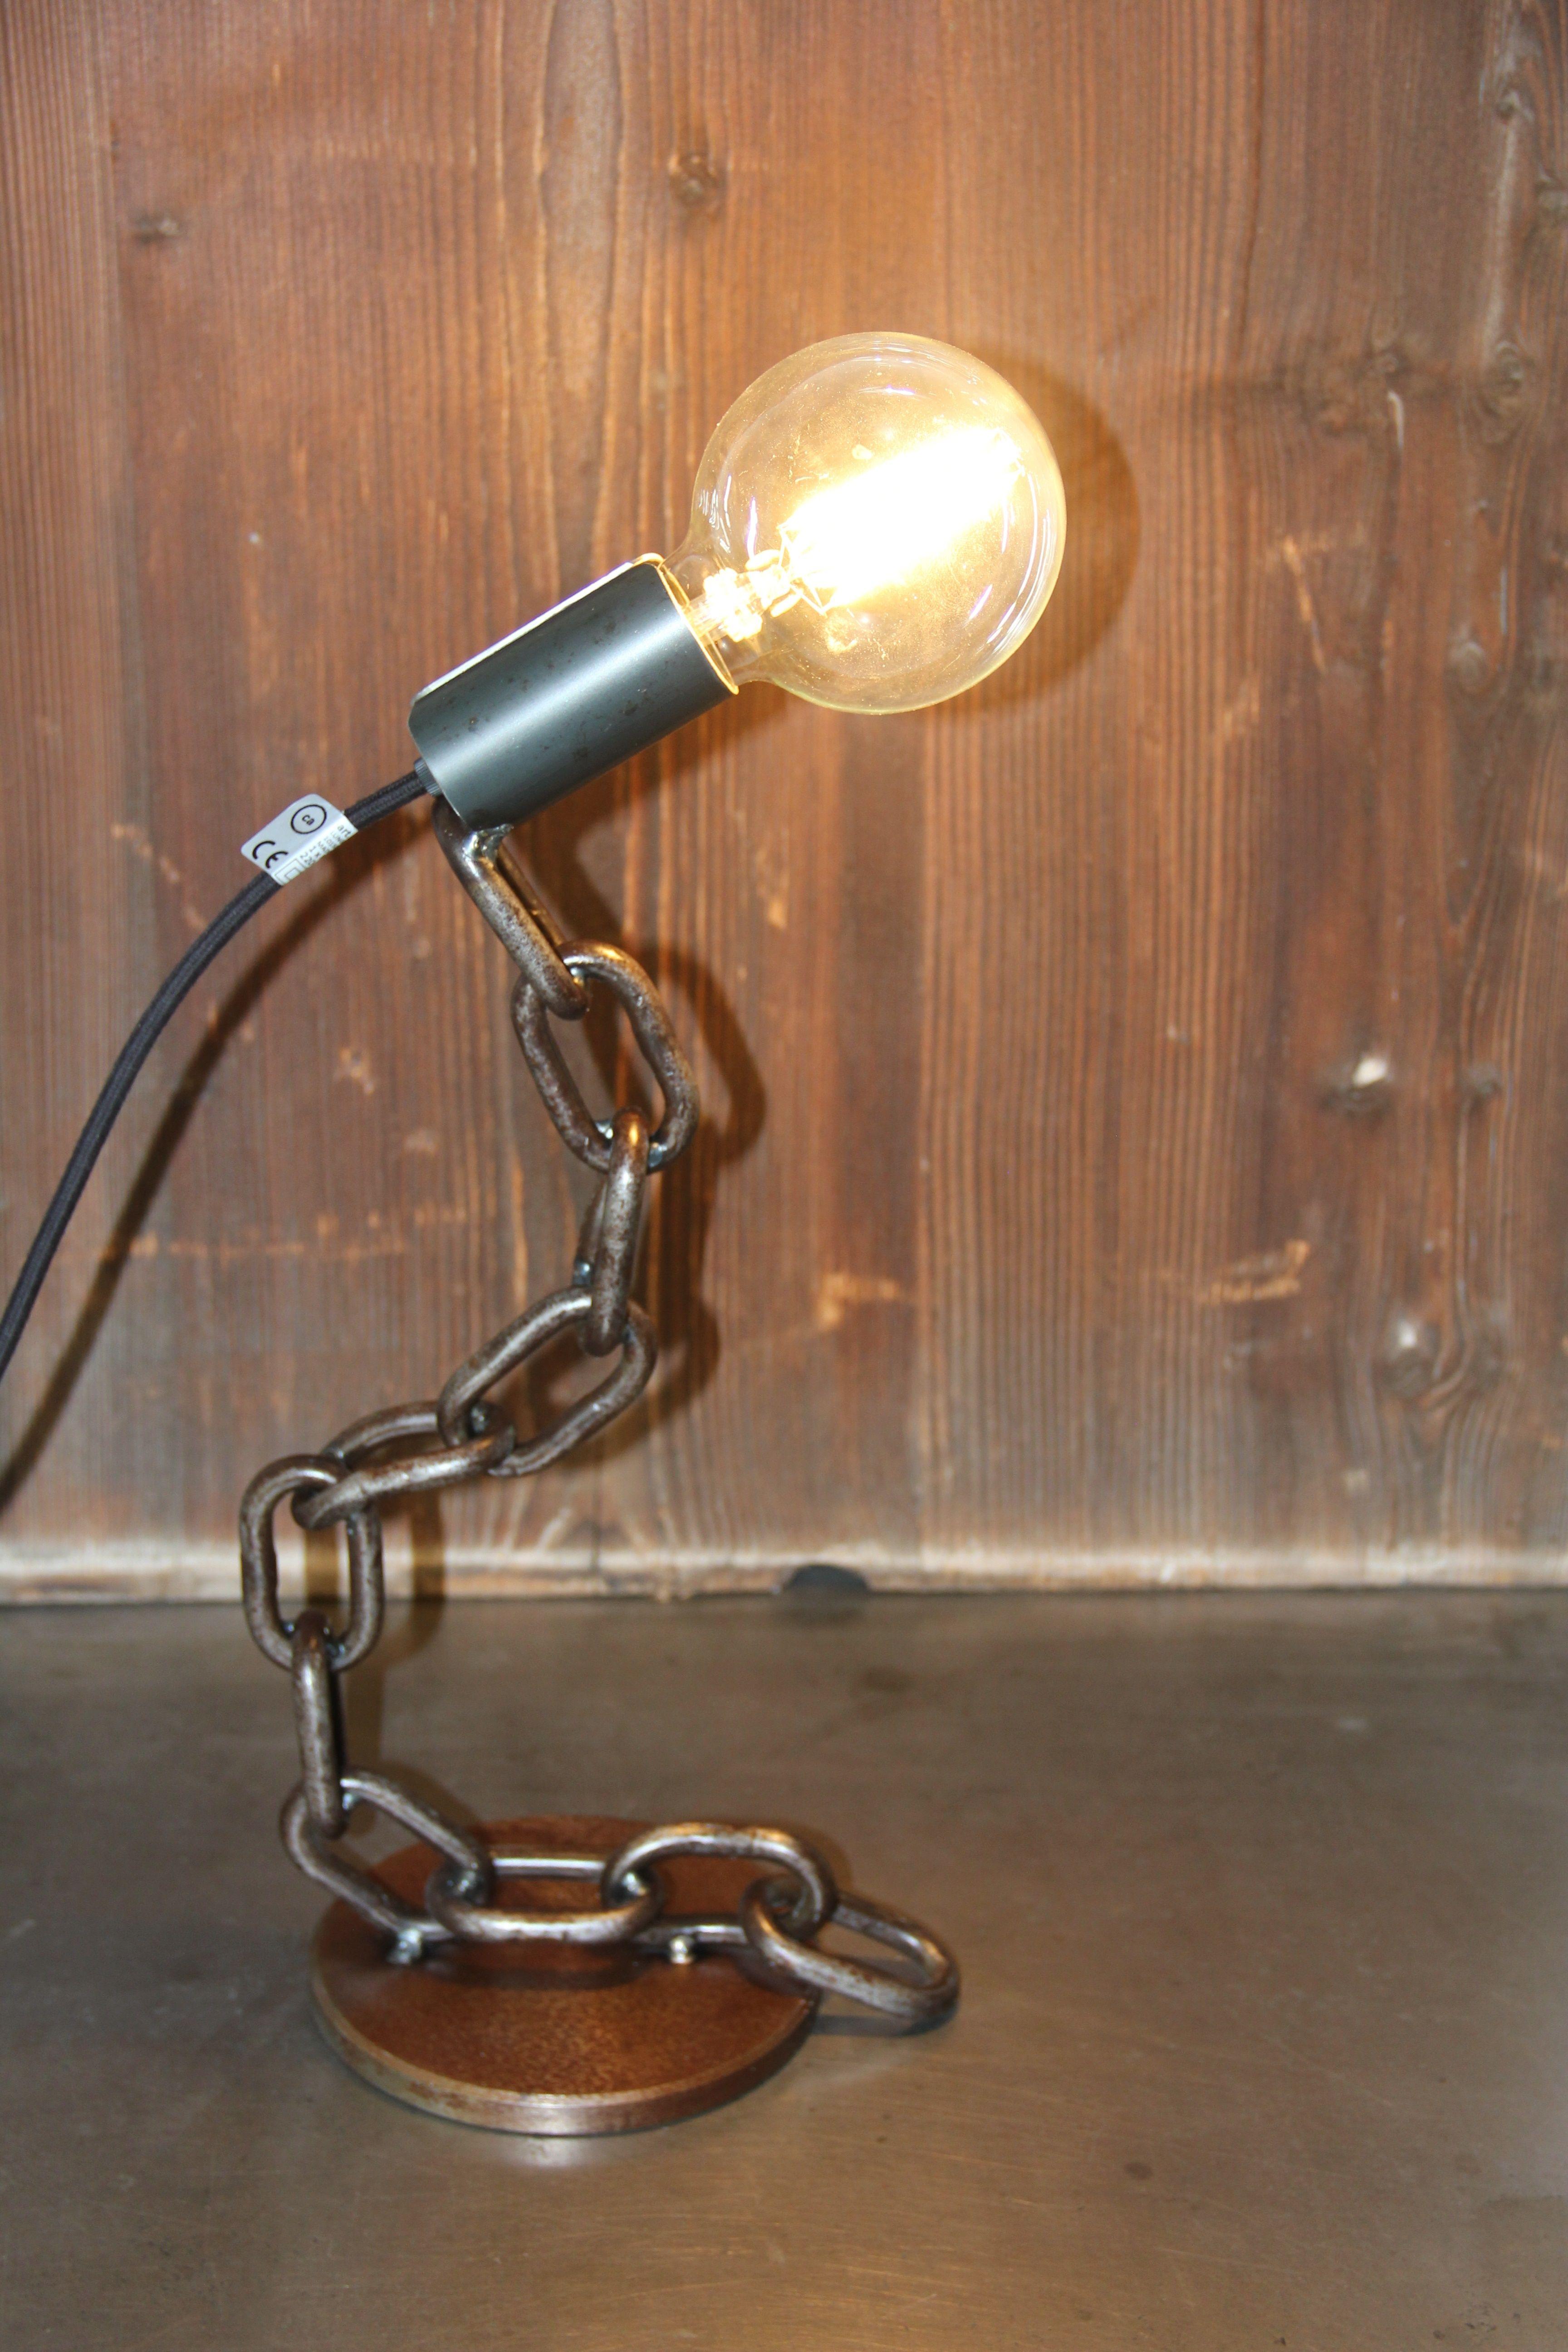 Meine Lampen Werden Ausschliesslich Aus Schrott Gebaut Diese Lampe Verfugt Uber Ein Einhangesystem Fur Das Kabel Mit Fassung Es Konnen Als Lampe Lampen Schrott